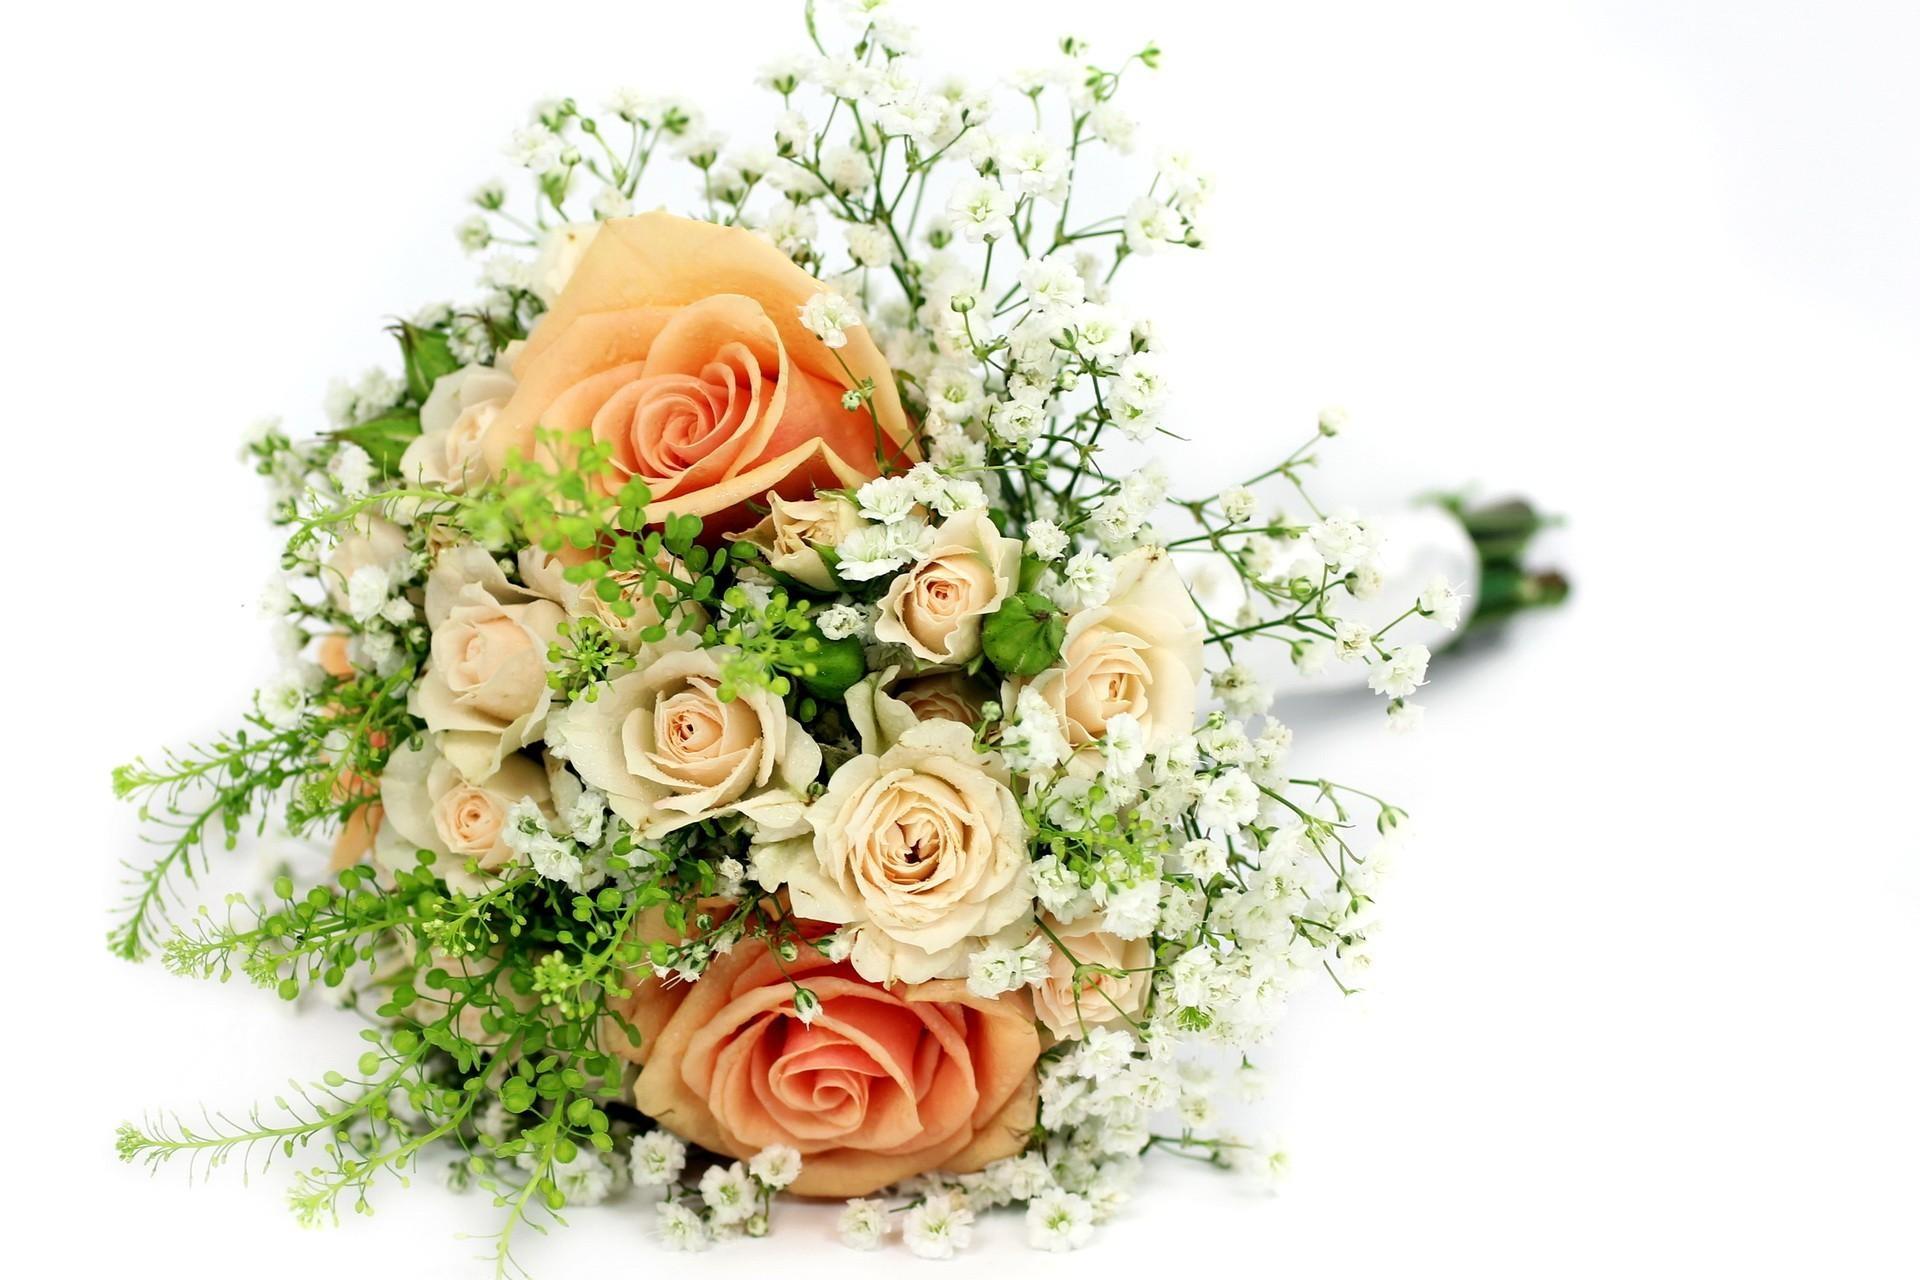 Открытки цветы розы с гипсофилами, аниме приколы фейри